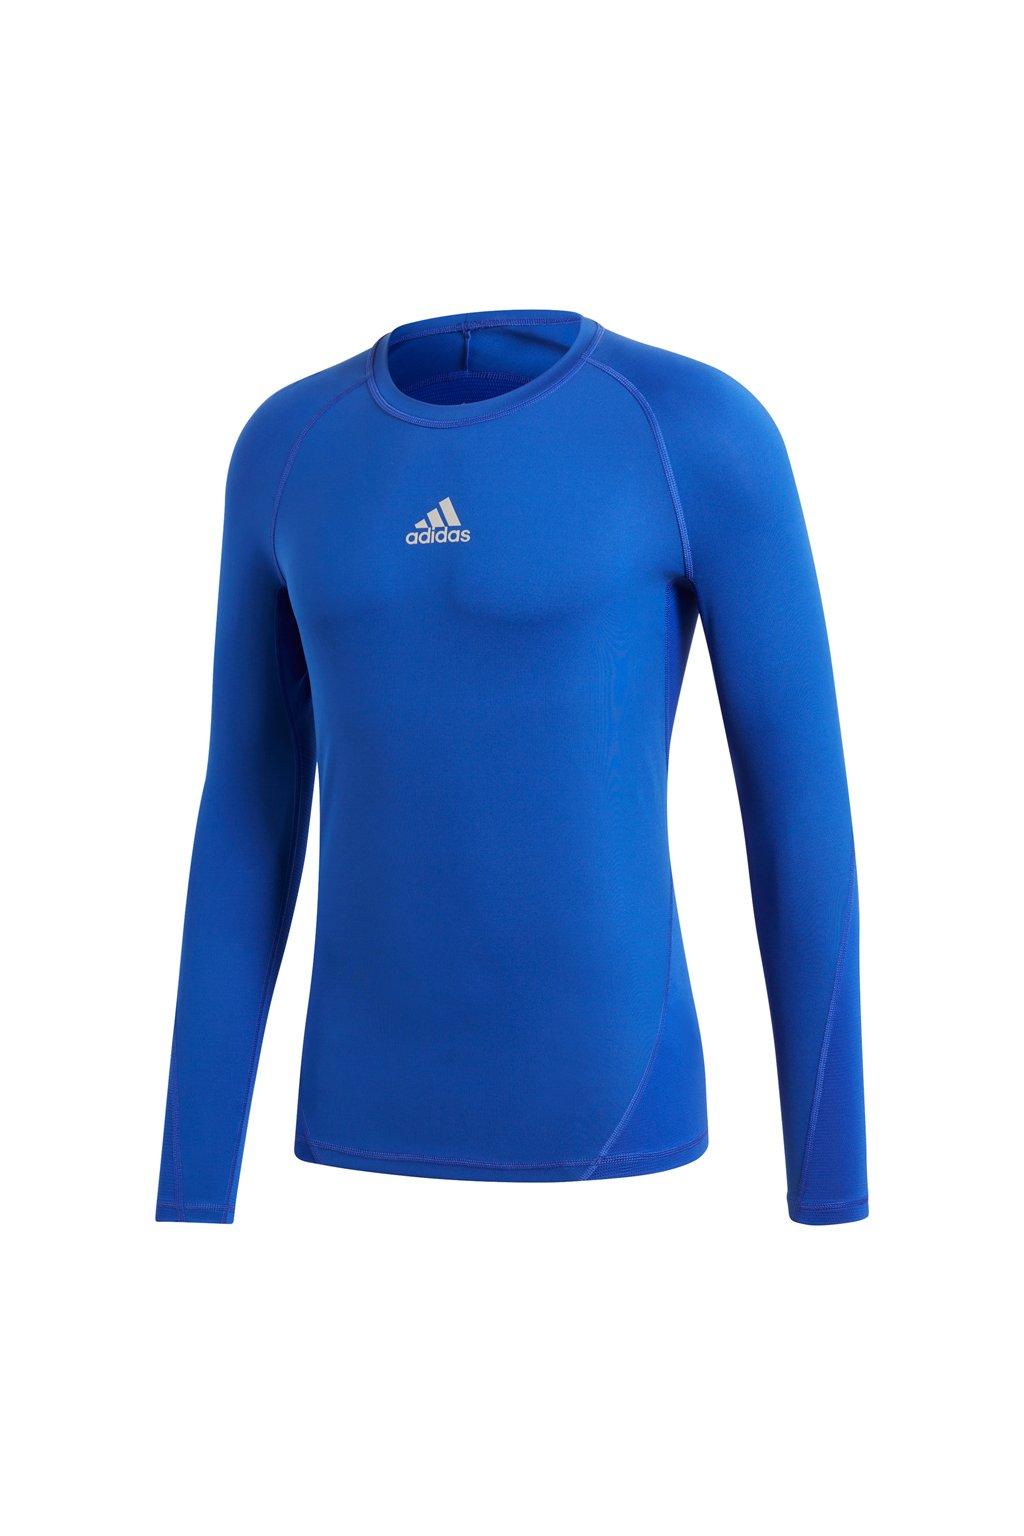 Pánske tričko adidas Alphaskin Sport LS Tee modré CW9488